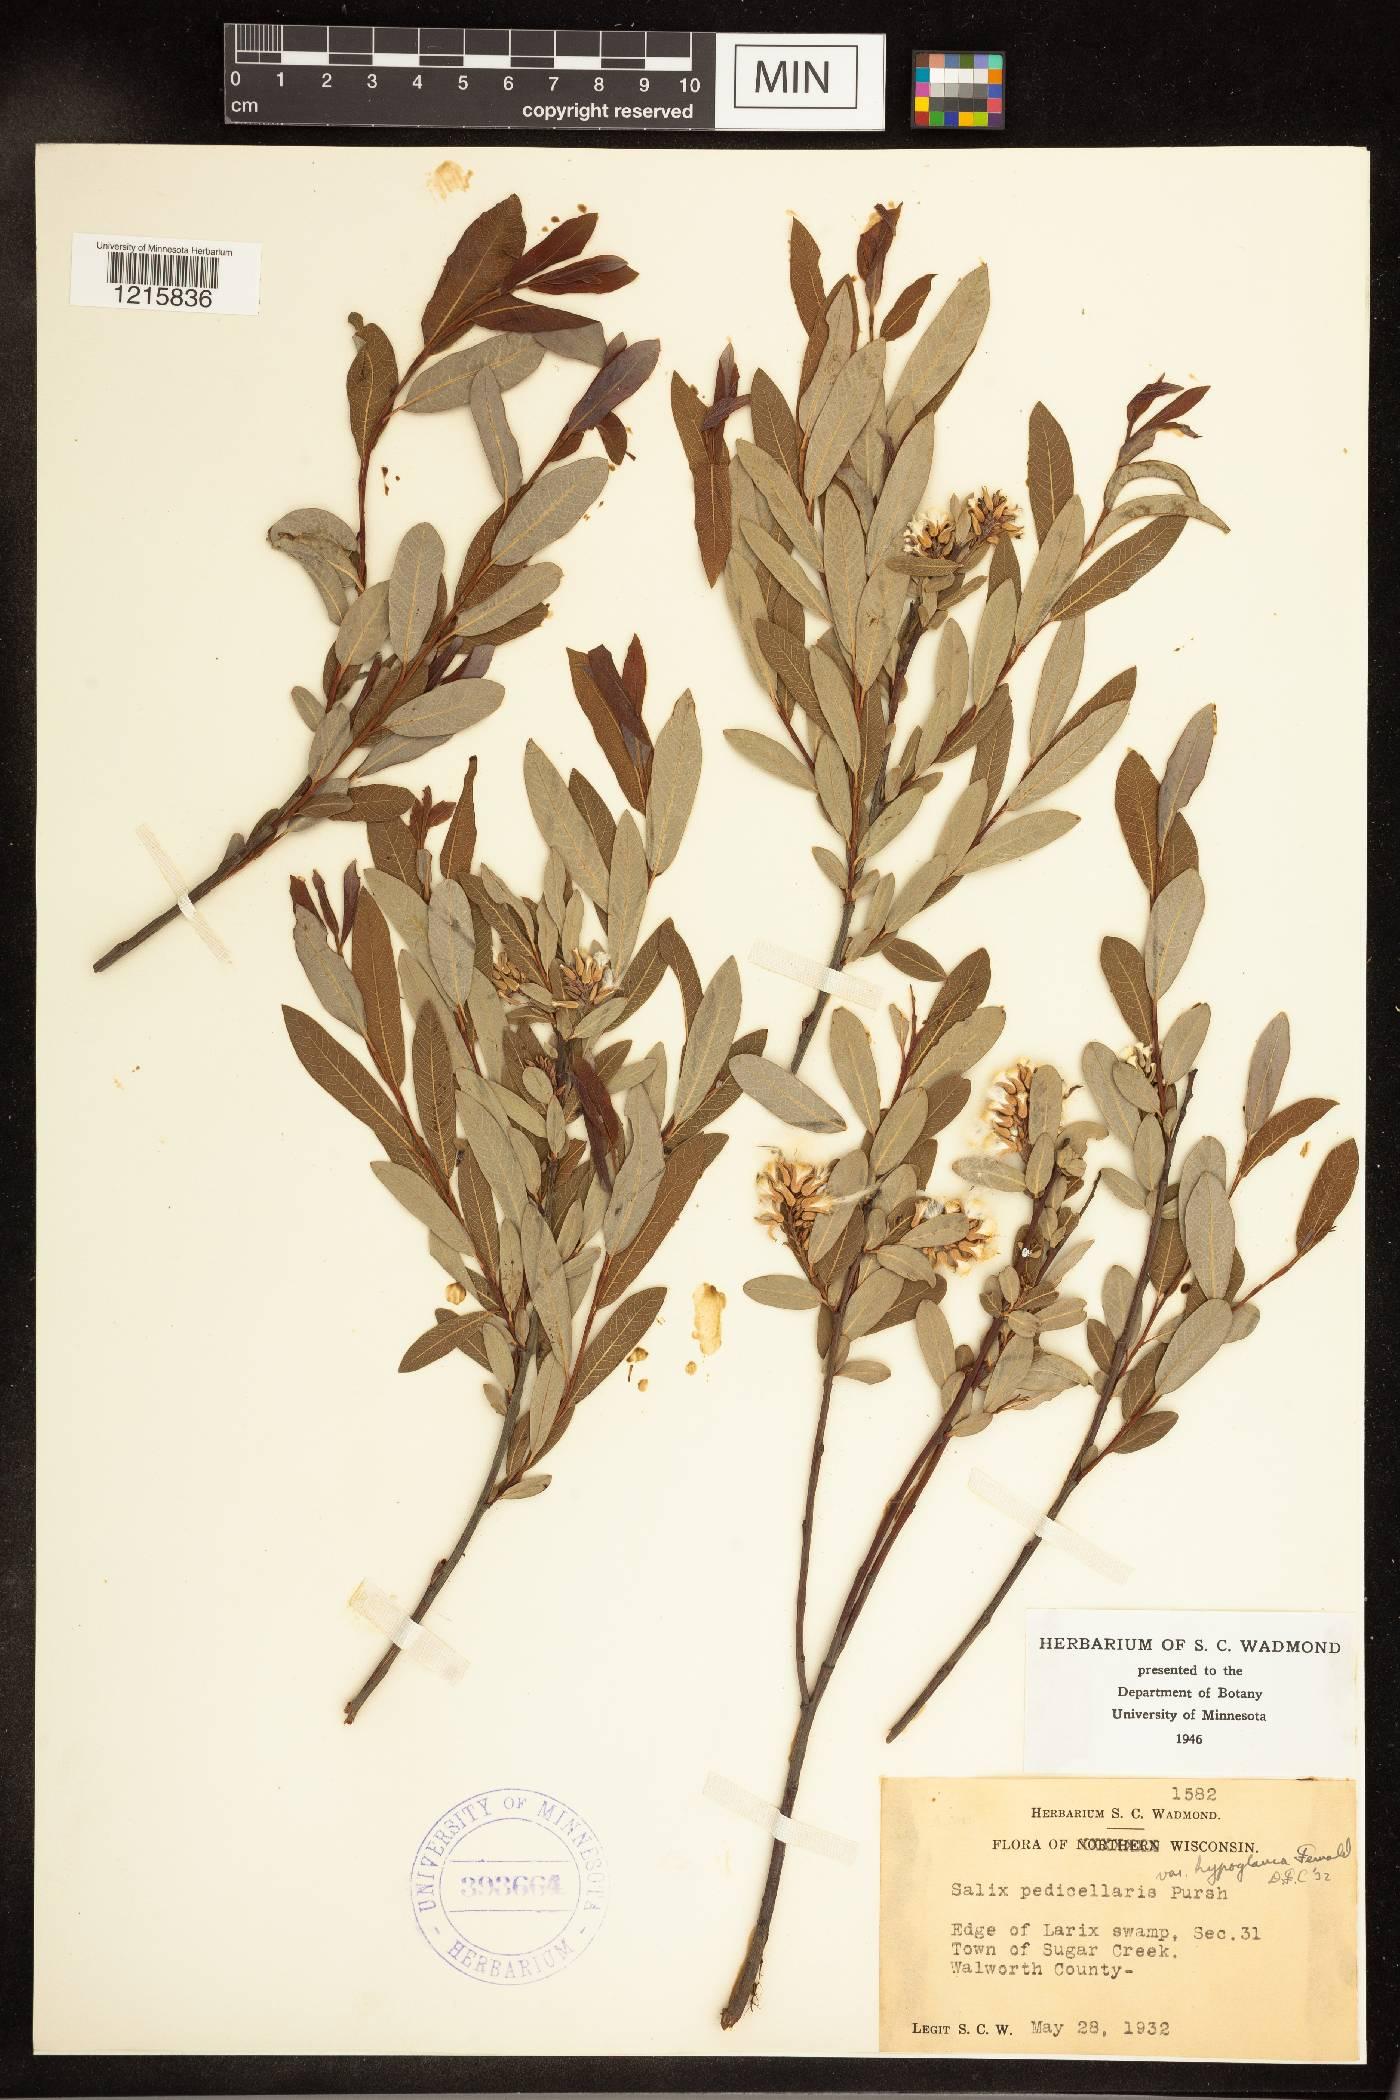 Salix pedicellaris image